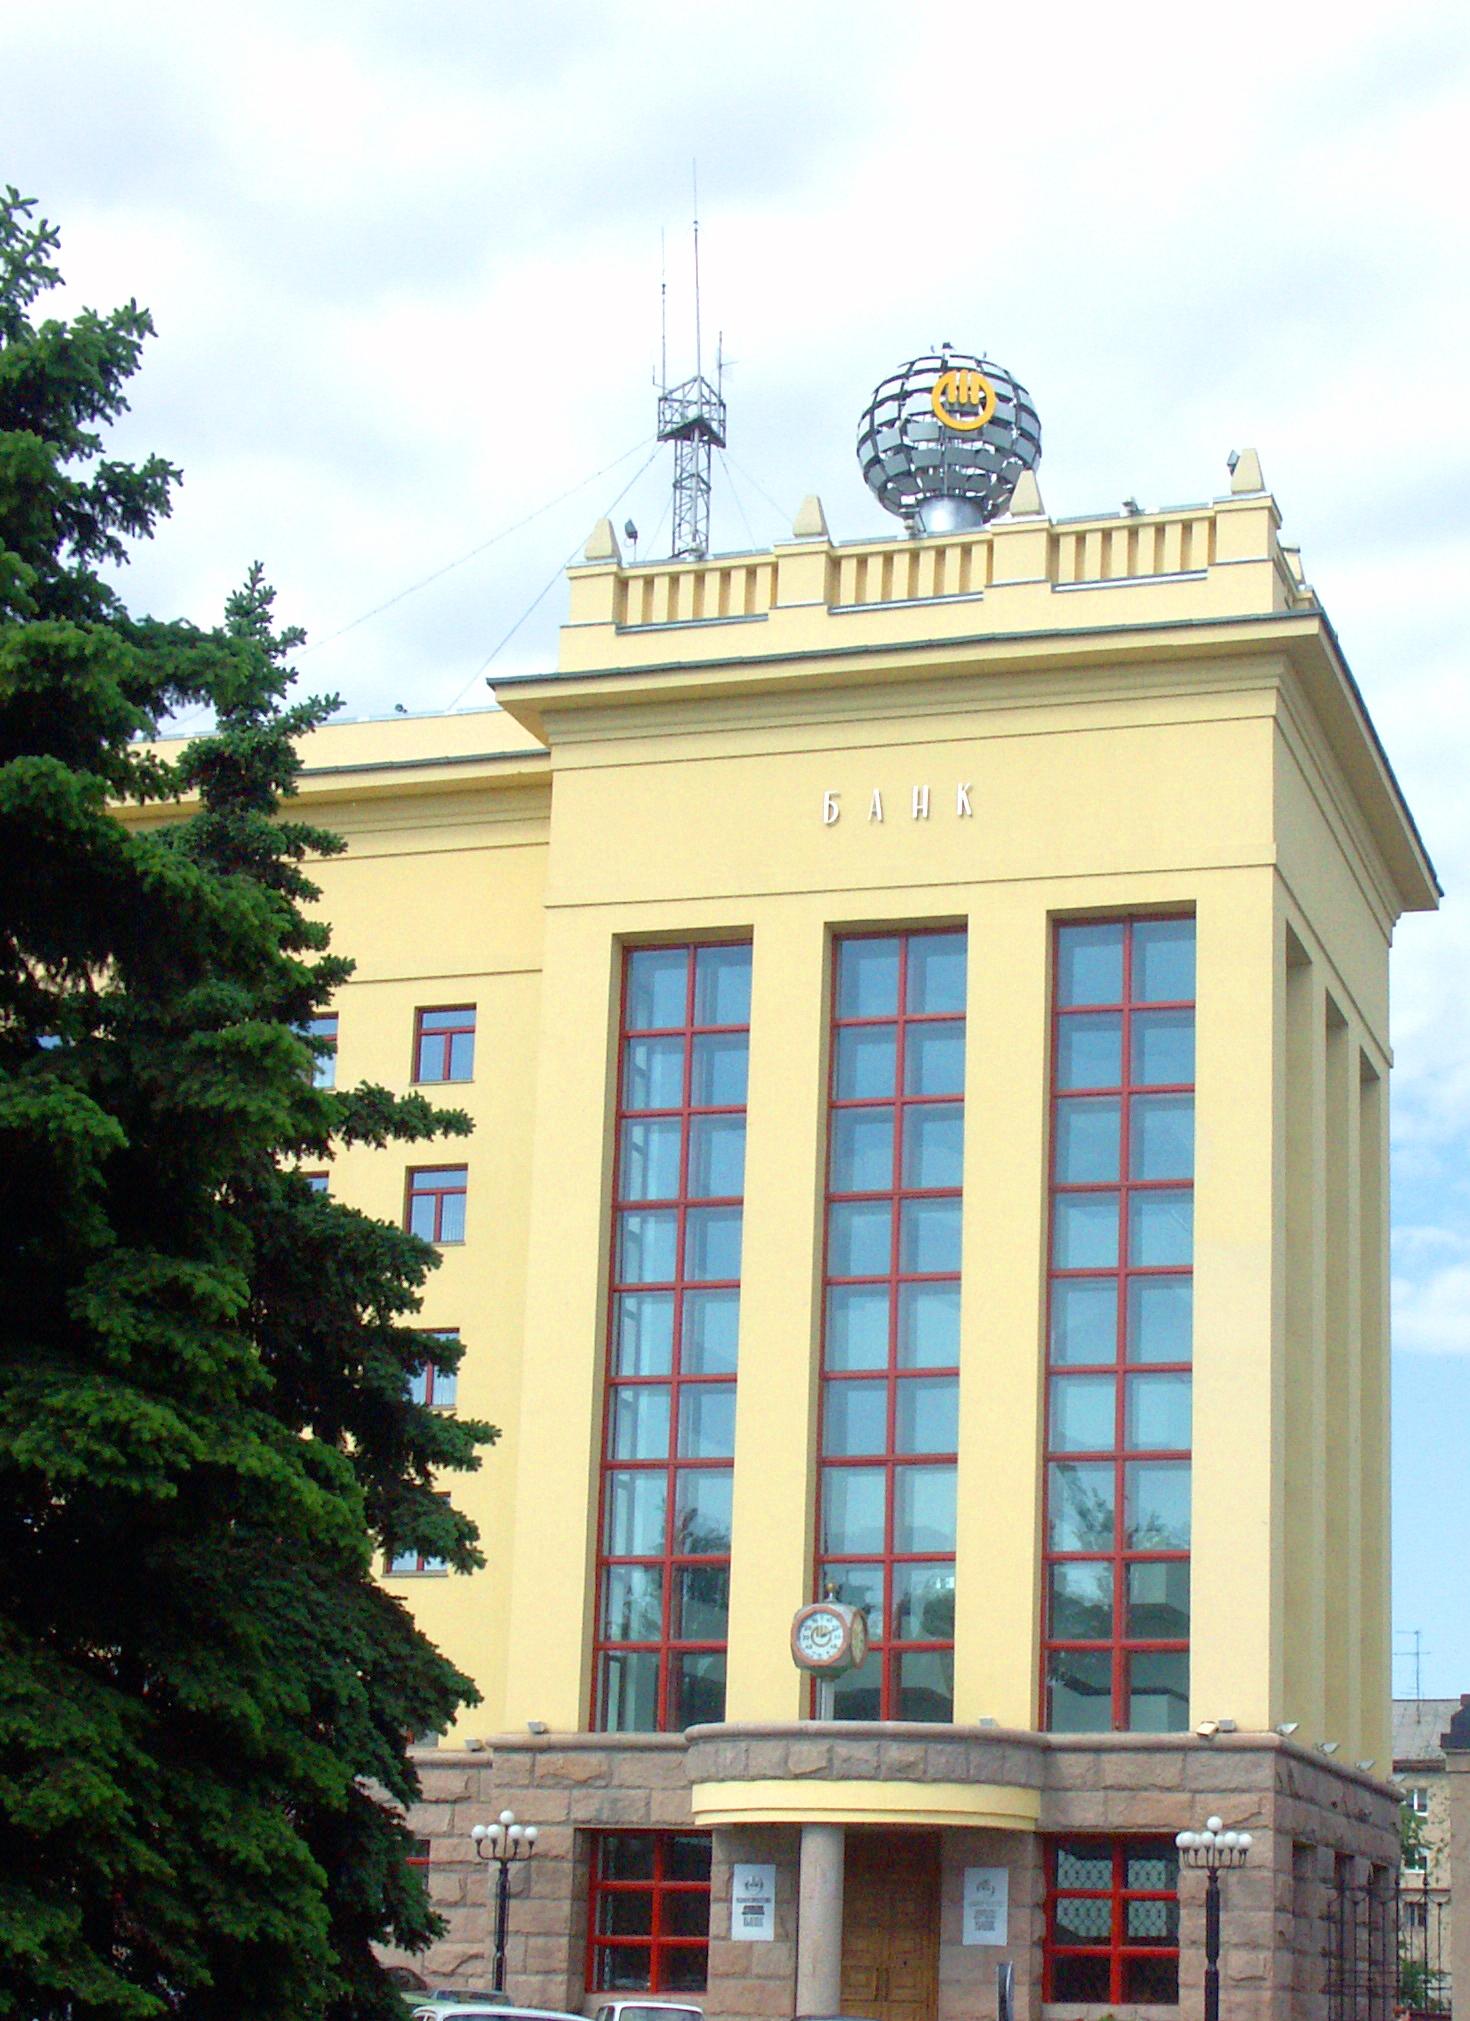 Генеральный директор НСПК Владимир Комлев поблагодарил коллектив банка за совместную работу и вру